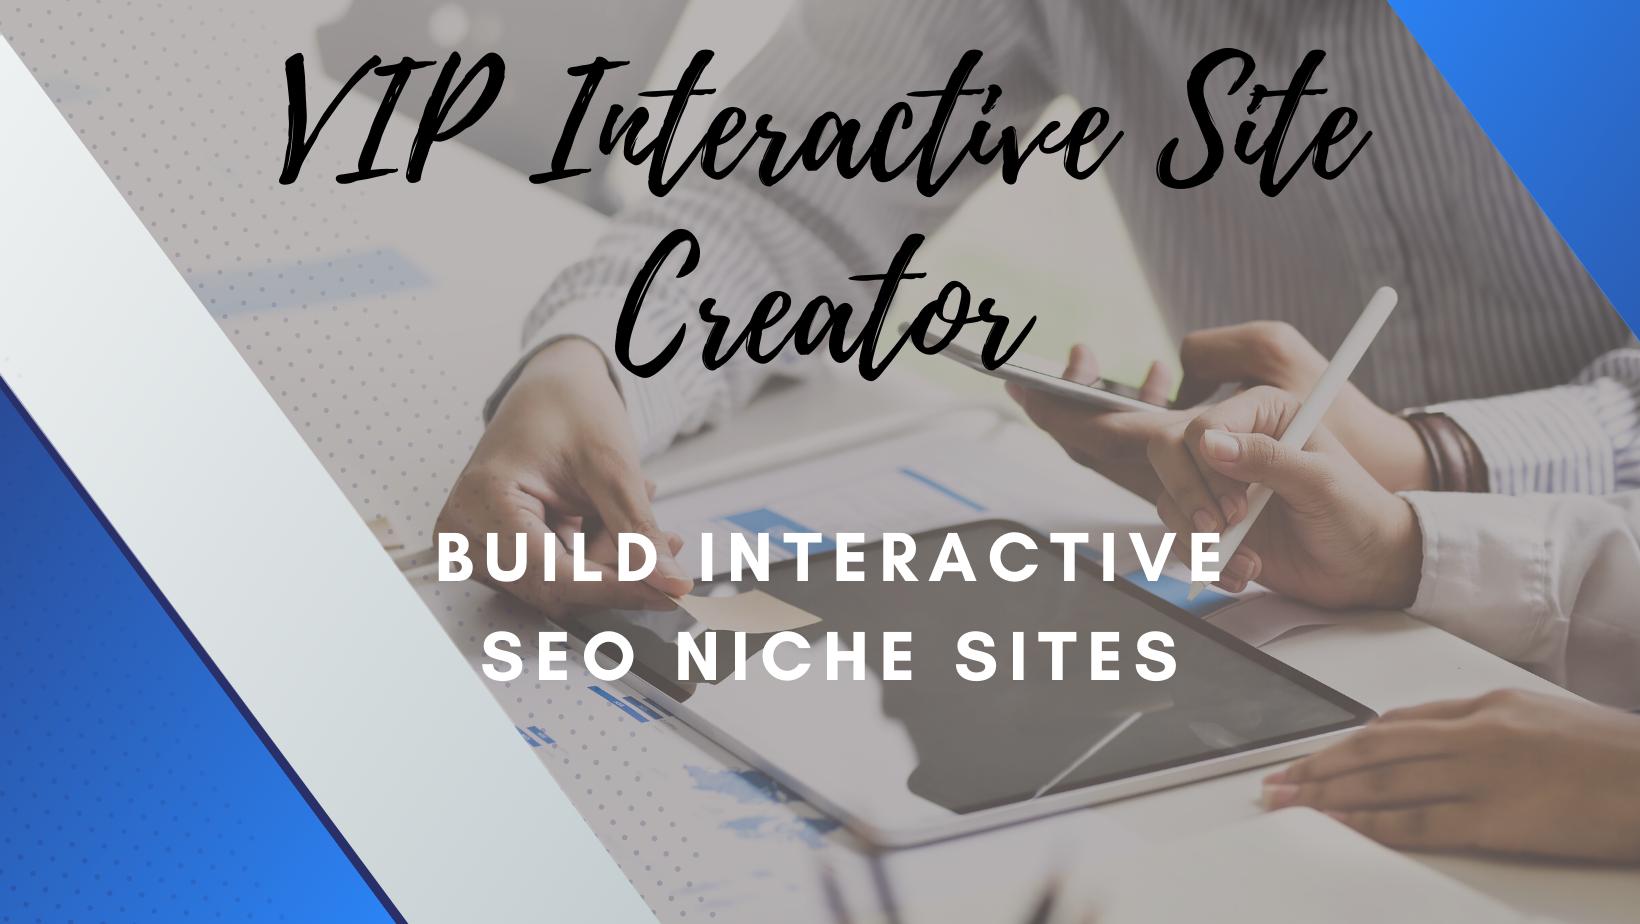 VIP Interactive Site Creator- Build Interactive SEO Niche Sites